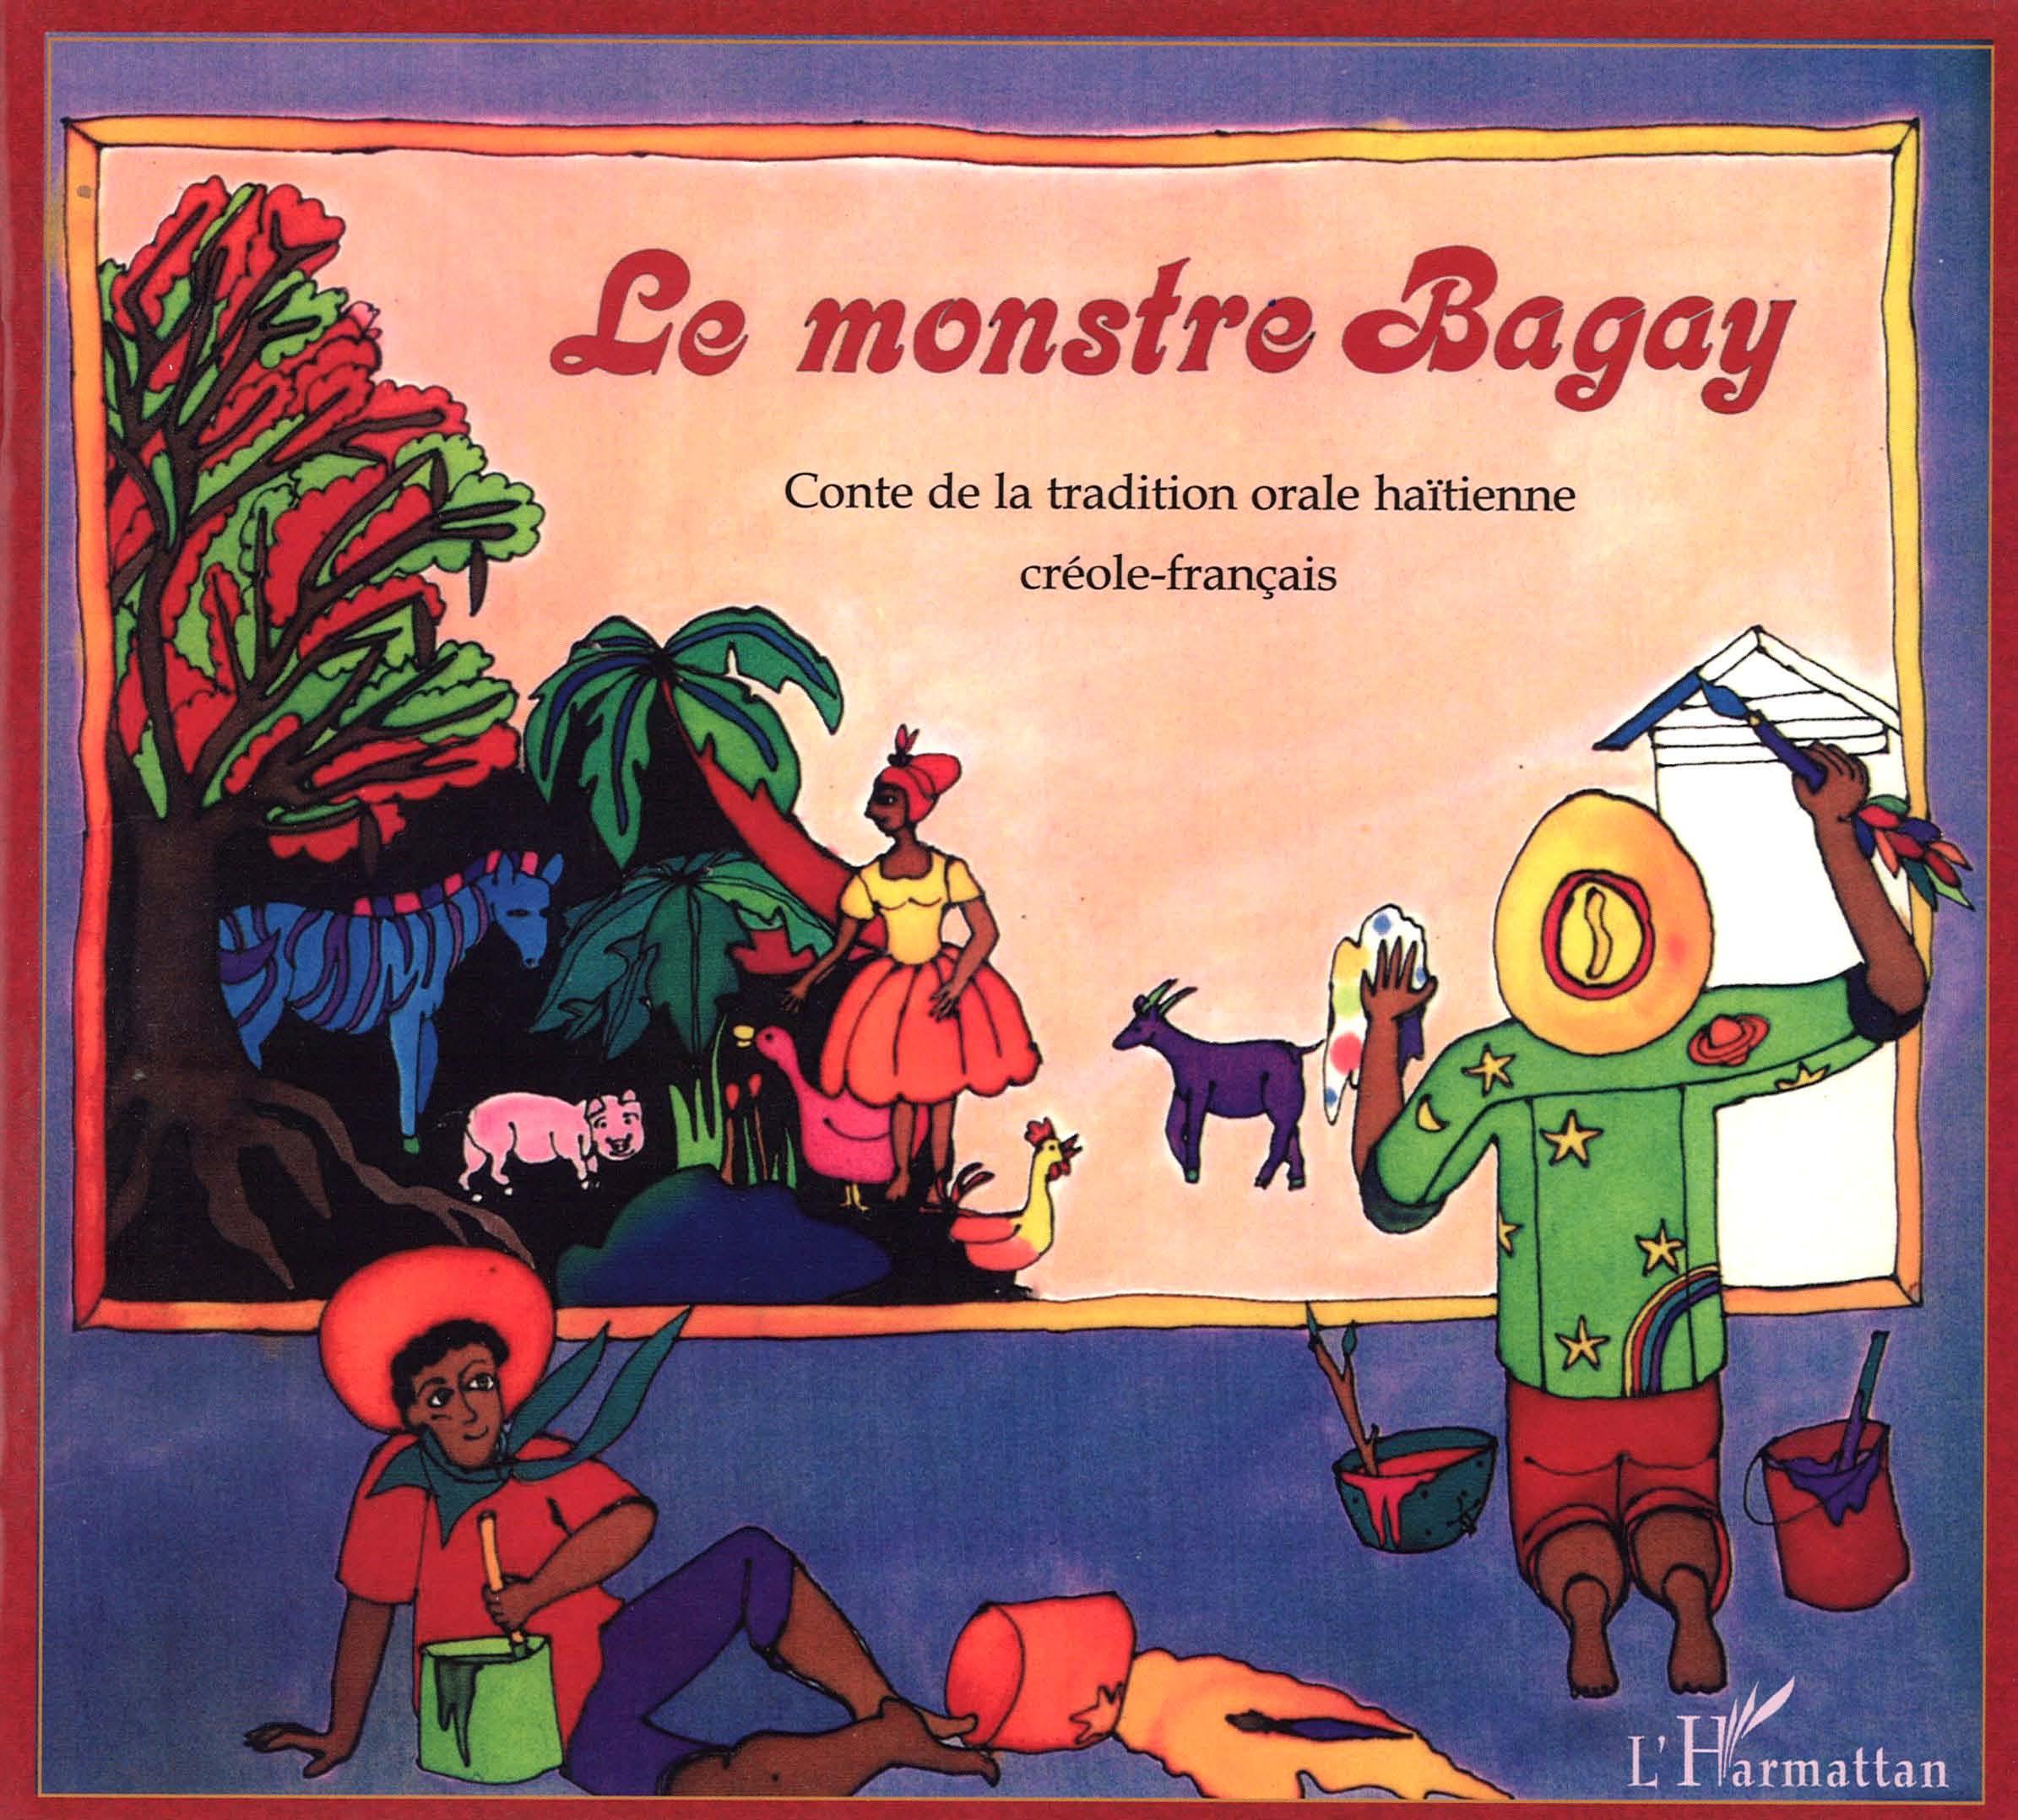 Le monstre Bagay